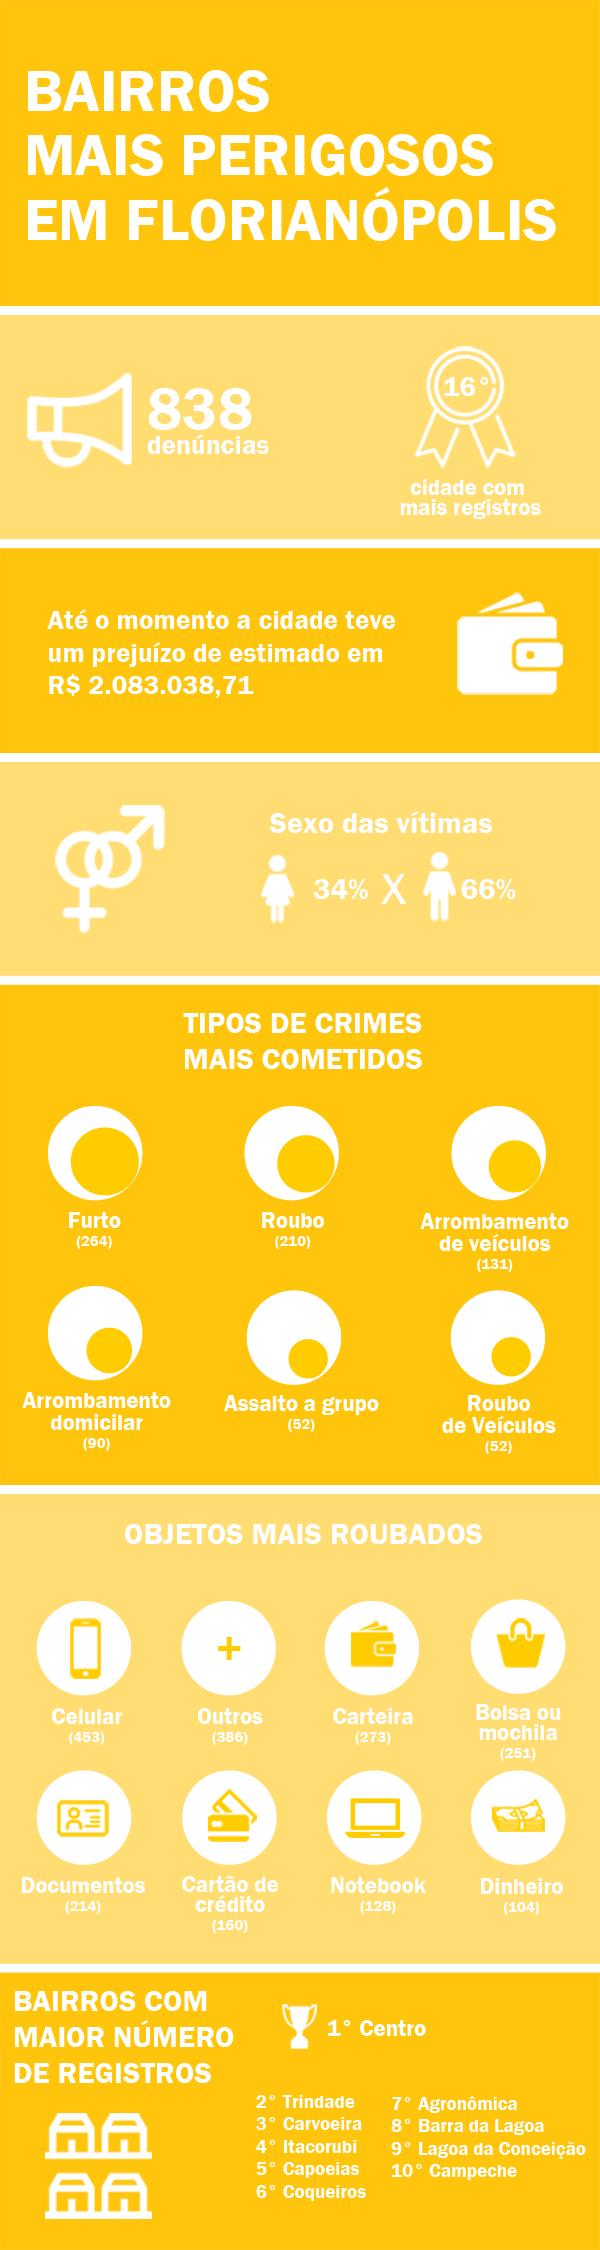 Bairros mais perigosos em Florianópolis (infográfico)